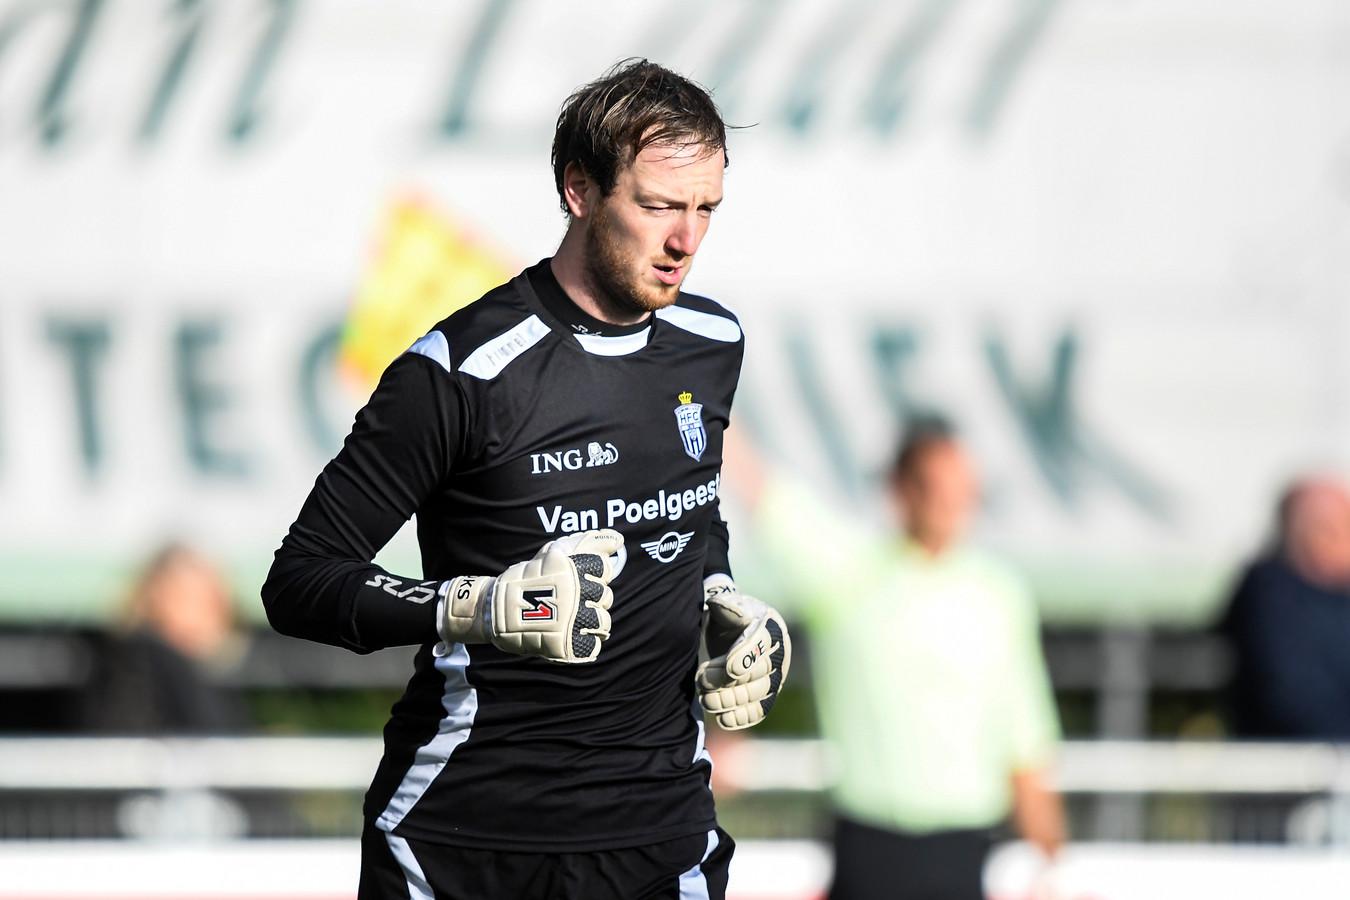 Doelman Tom Boks verruilt tweededivisionist Koninklijke HFC voor zijn oude club Schipluiden.